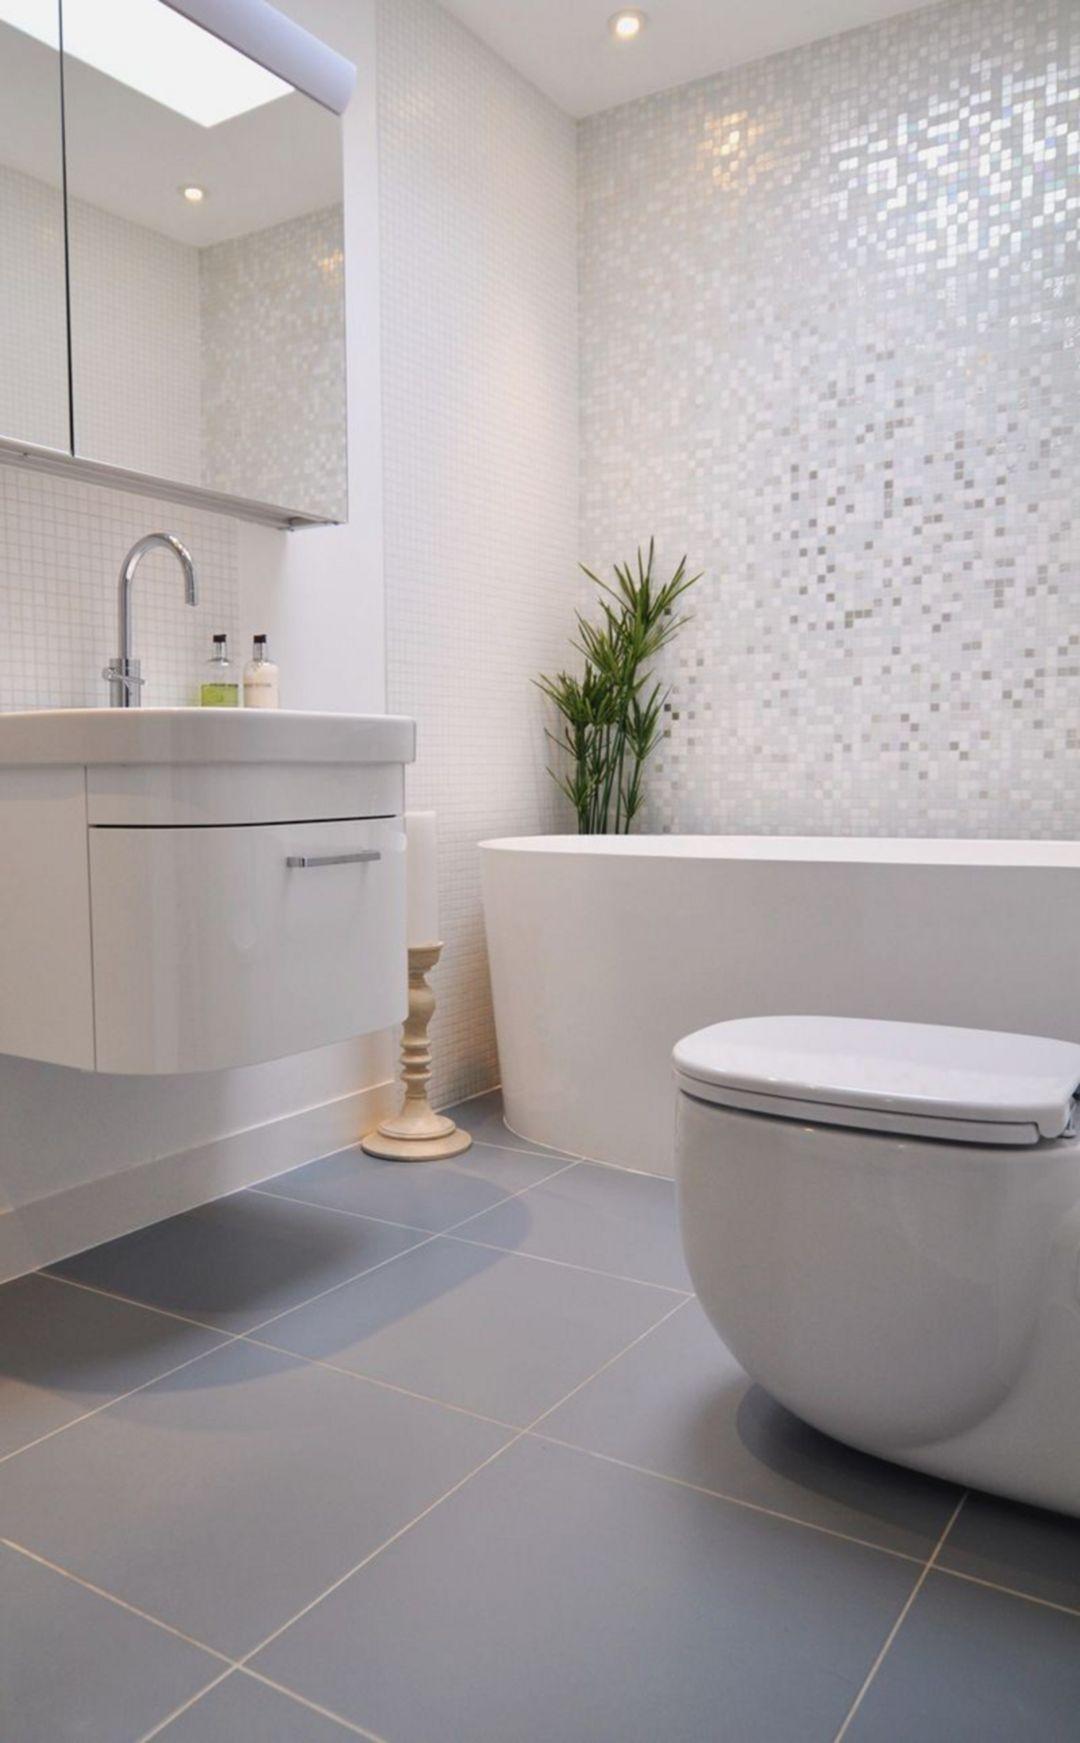 浴室 植物 風水 – Amrowebdesigners.com